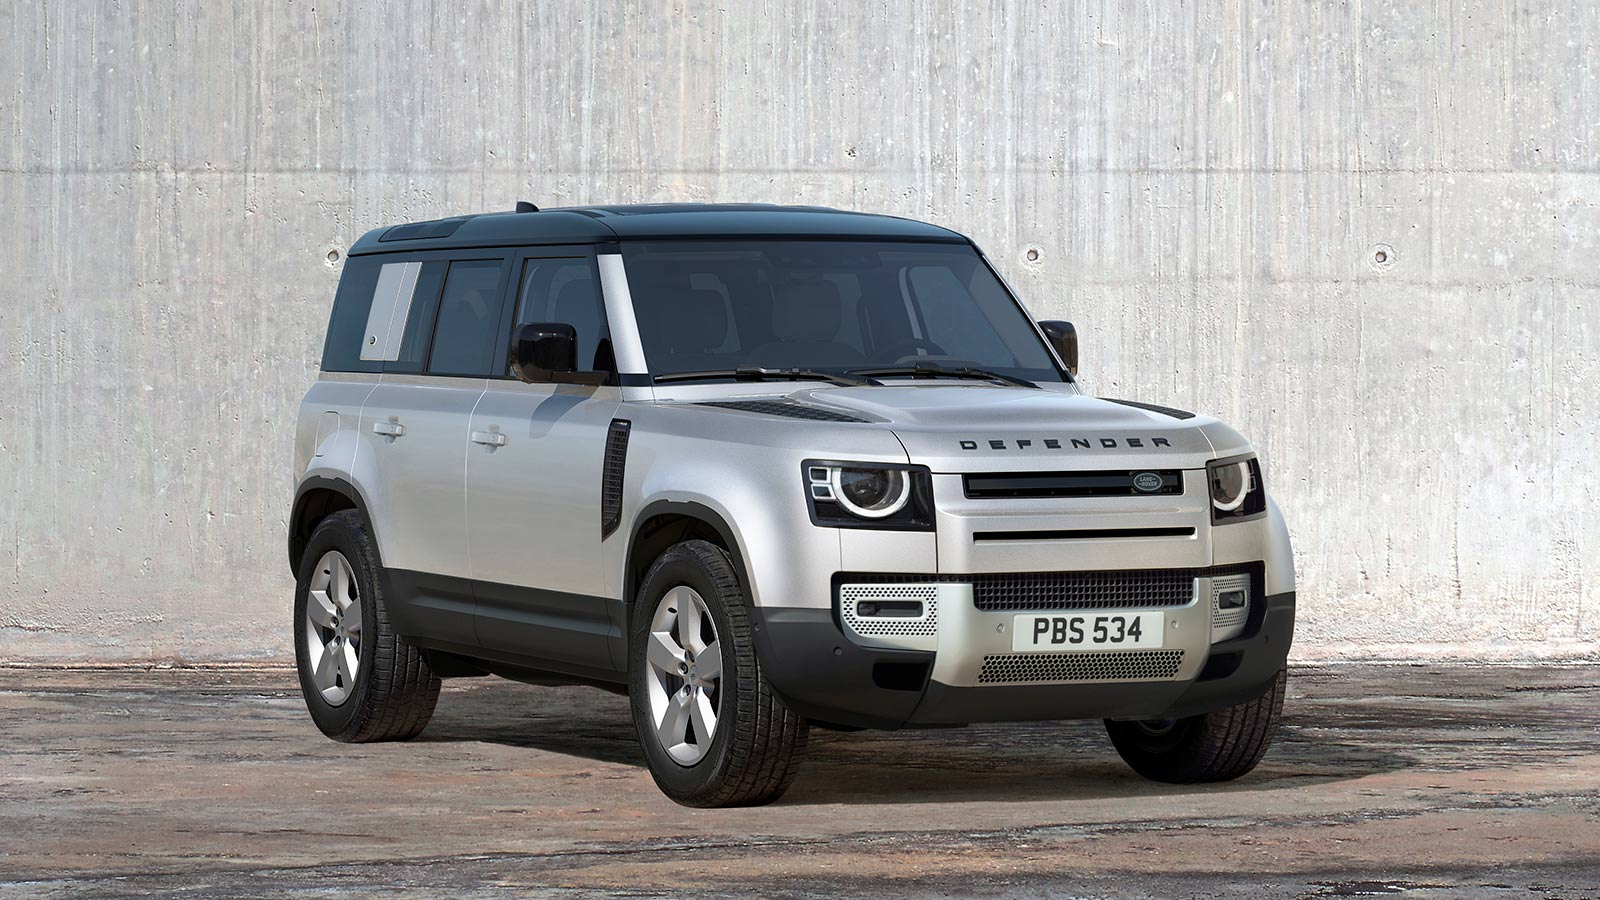 Land Rover Defender Plug-in hybrid